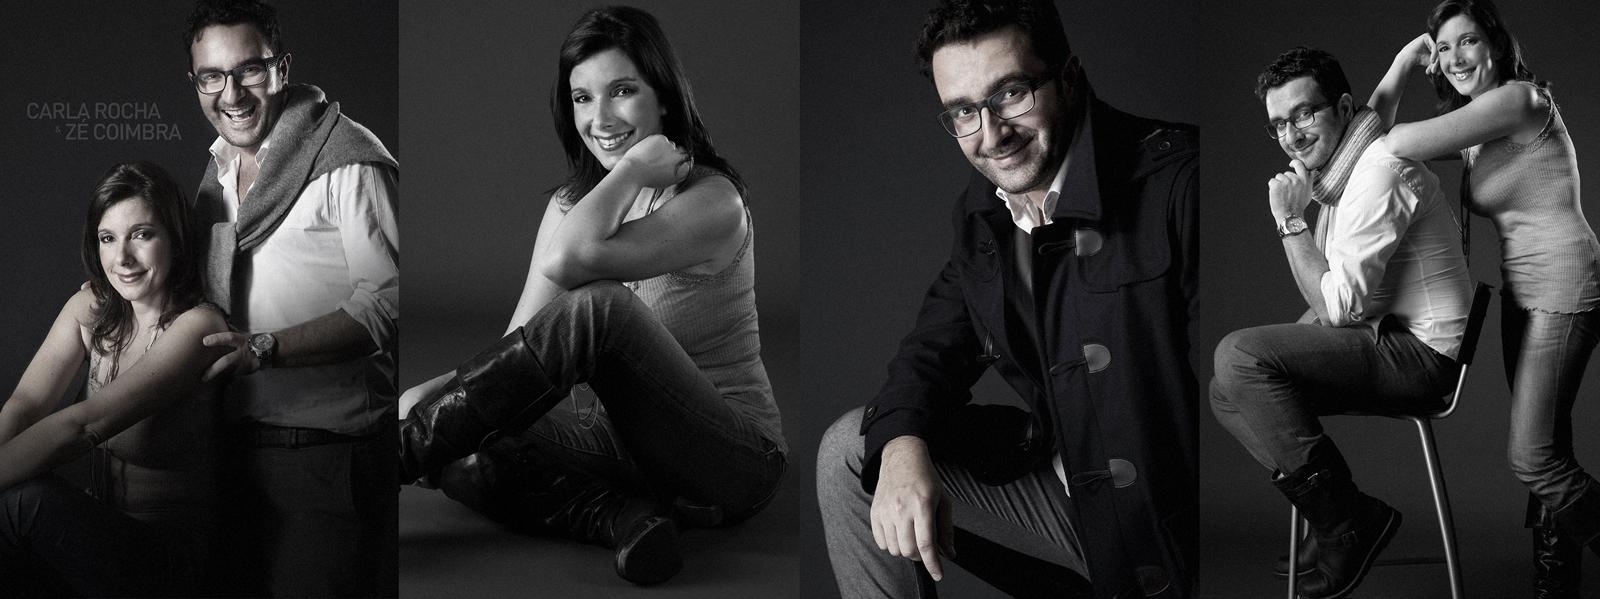 Carla Rocha e zé Coimbra